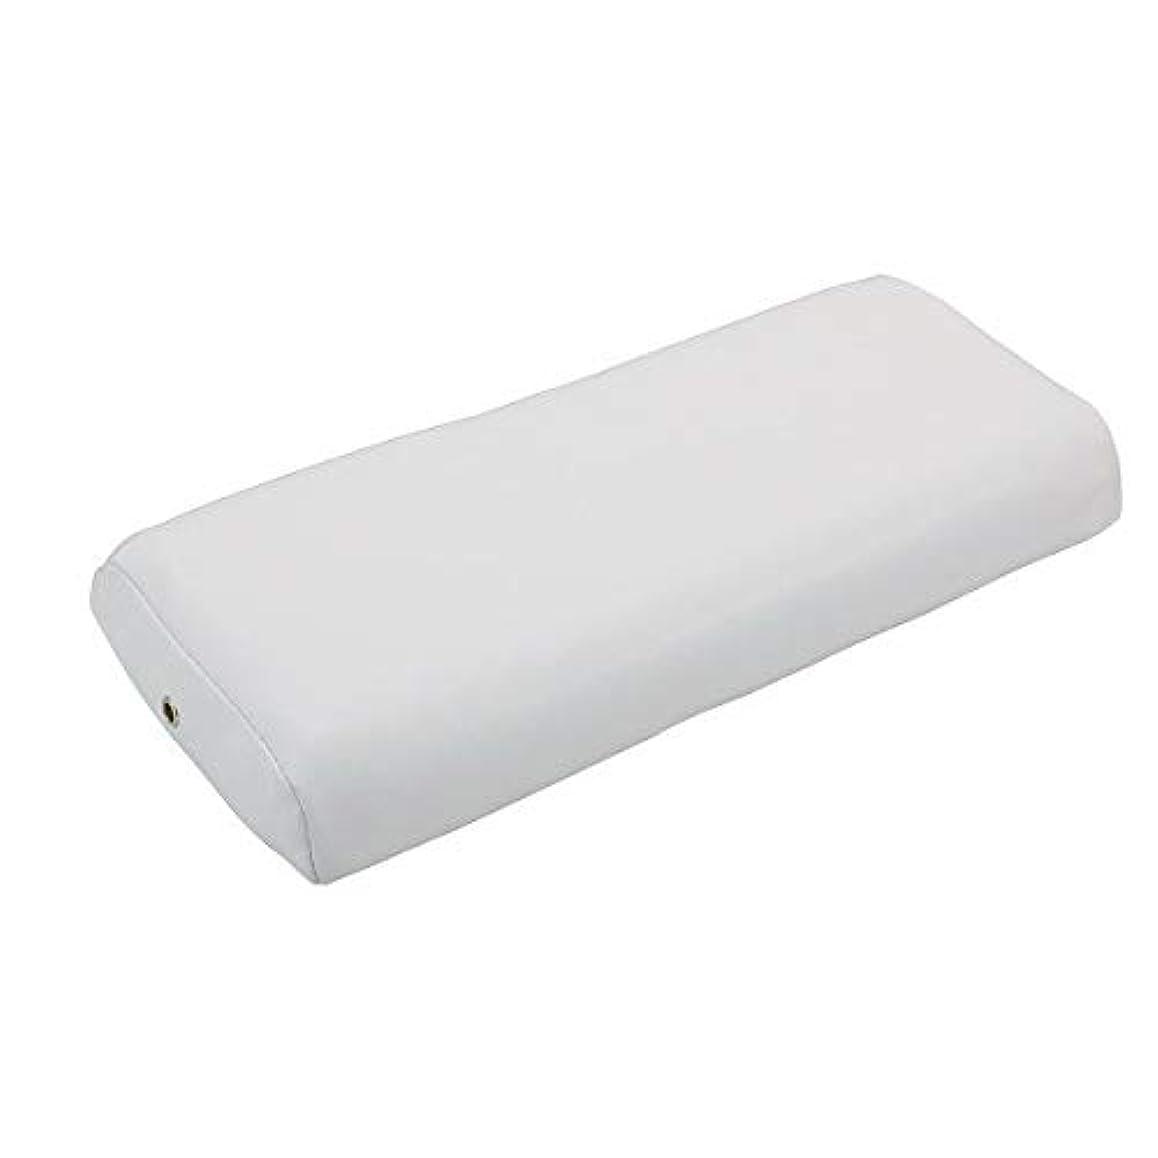 動的テント恥ずかしいNEOかどまる枕 FV-921 【 ホワイト 】 フェイスまくら フェイス枕 うつぶせ枕 マッサージ枕